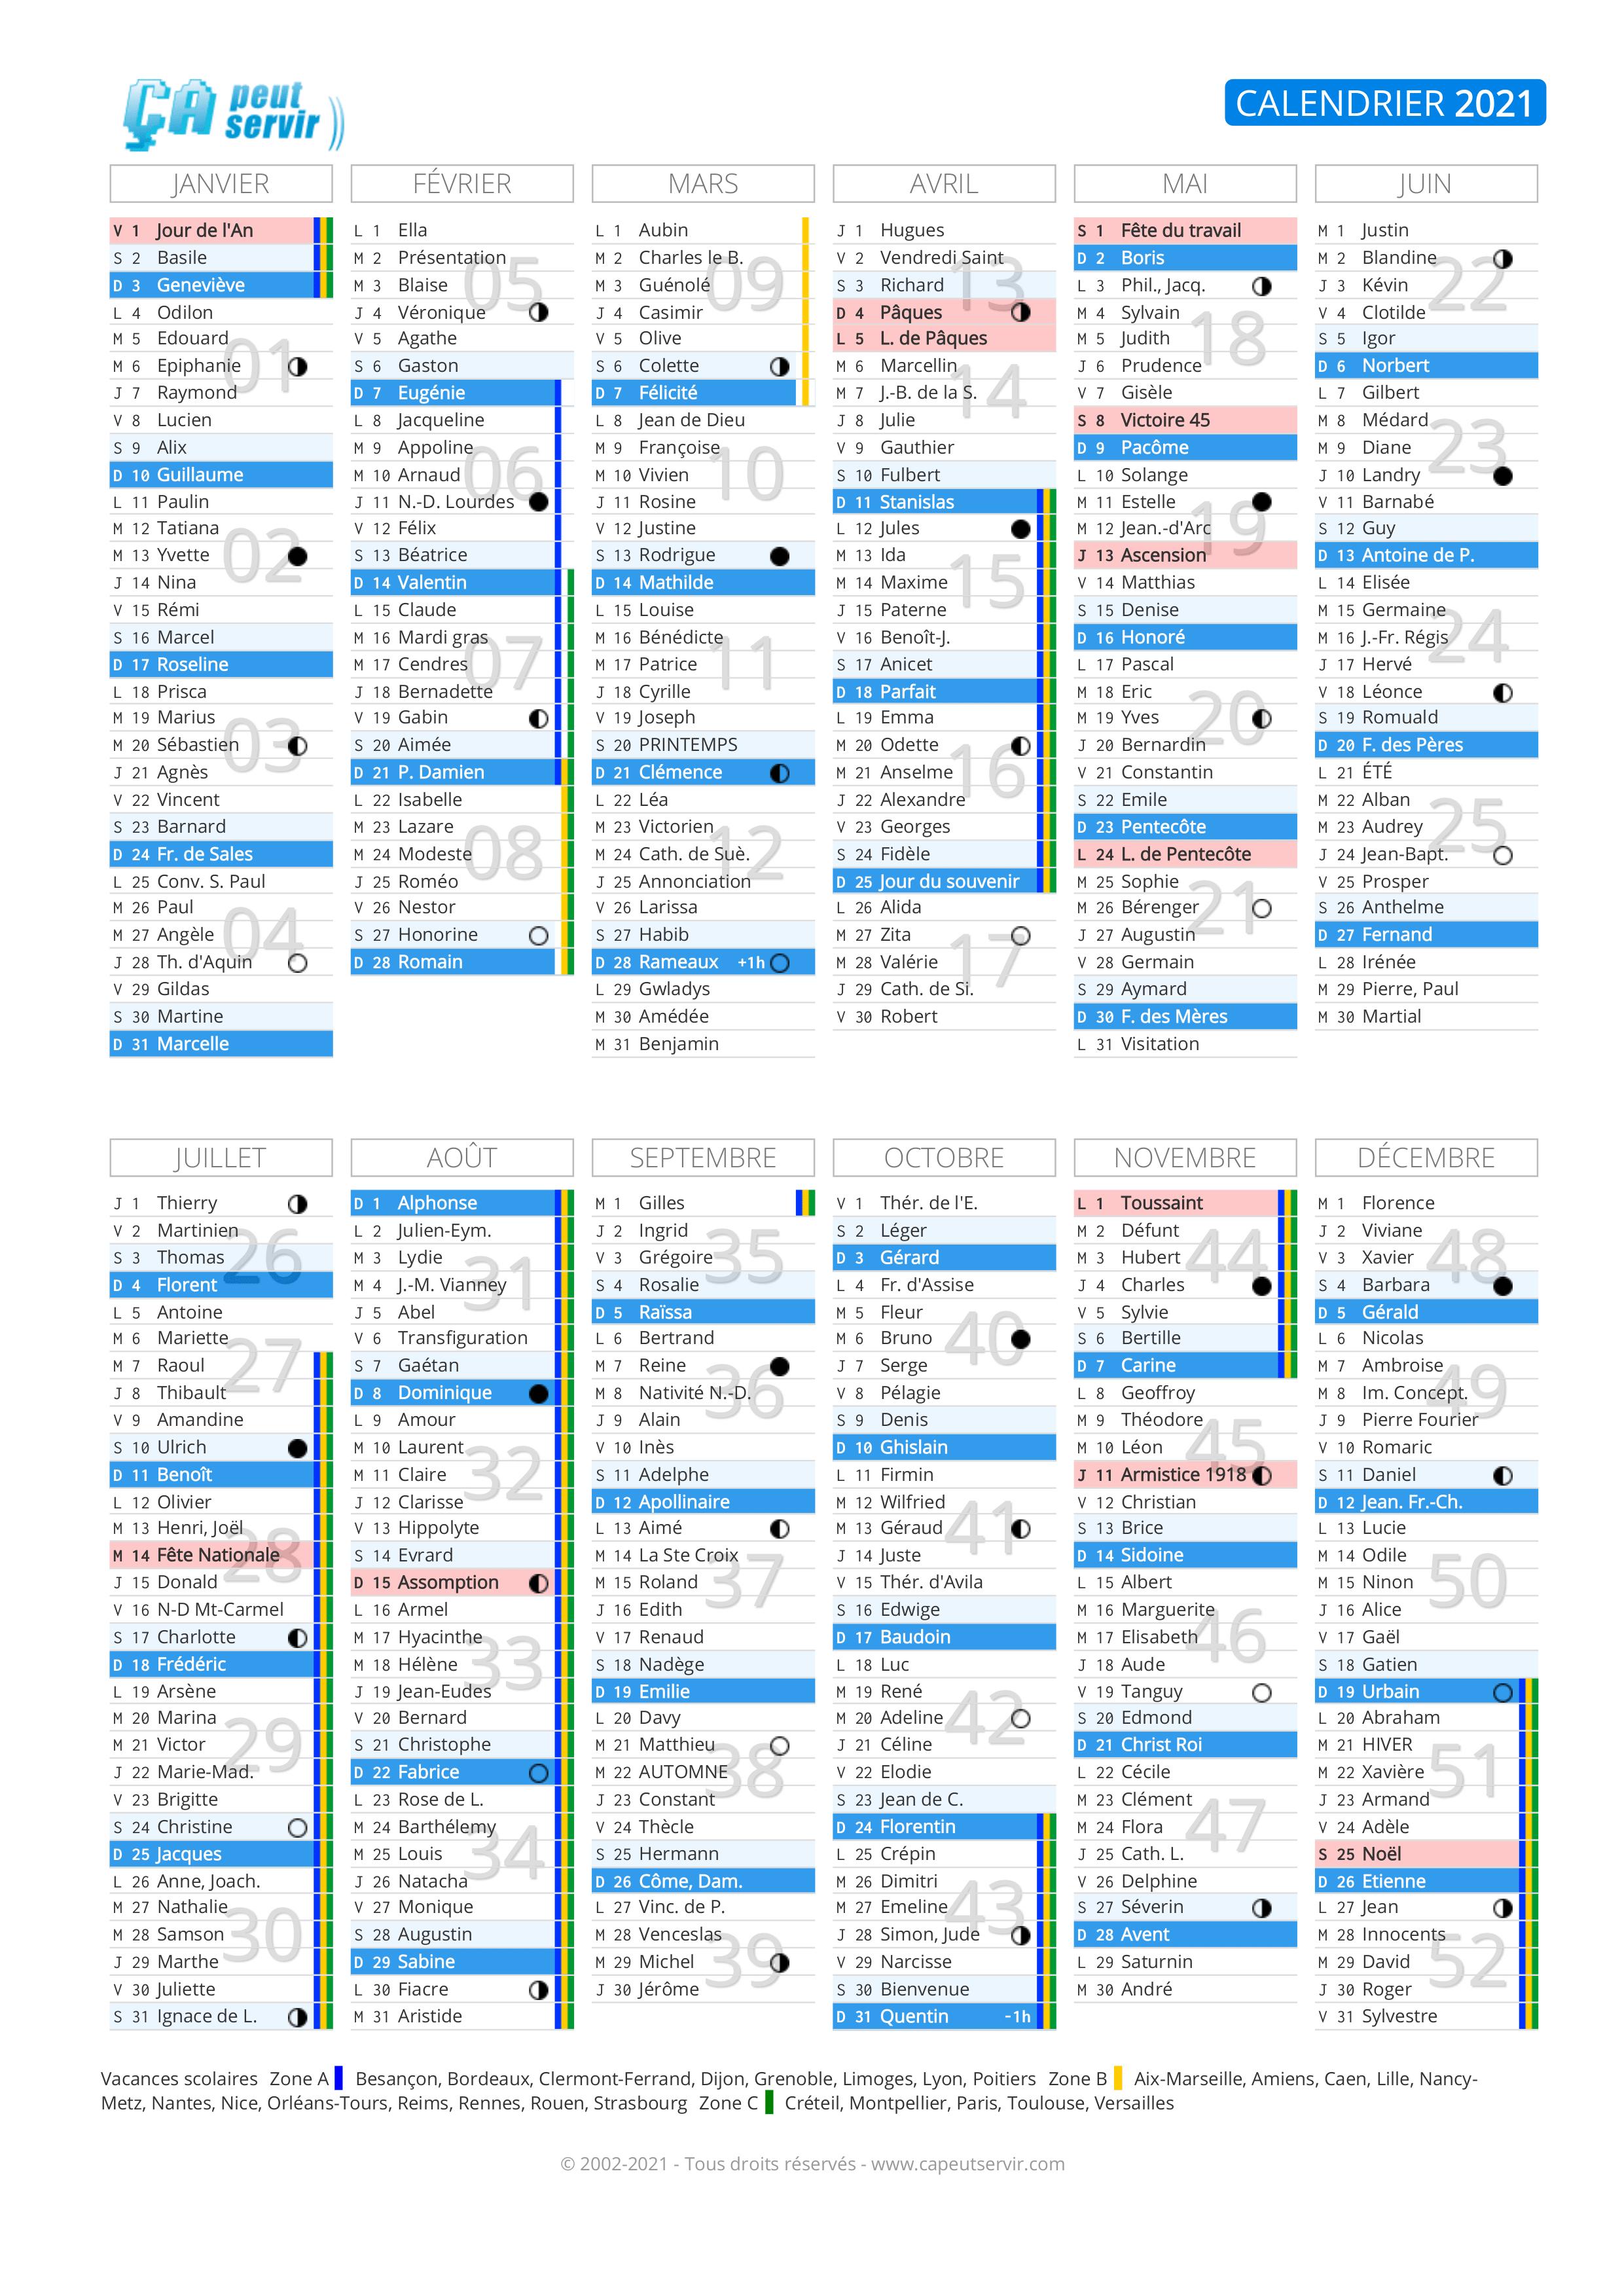 Calendrier 2021 : Vacances, jours fériés, numéros de semaine